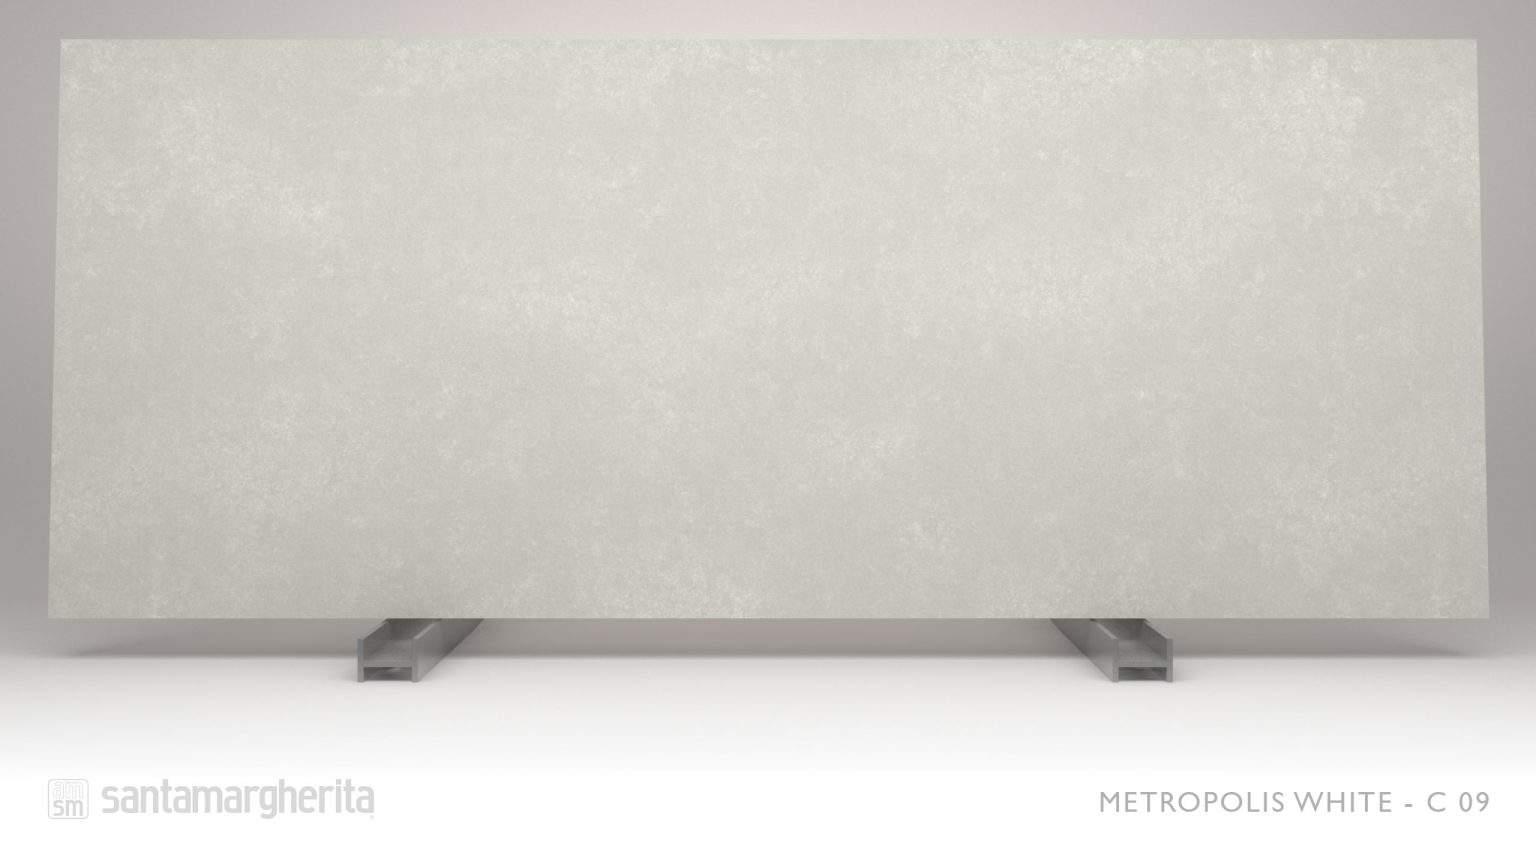 Metropolis White SLAB